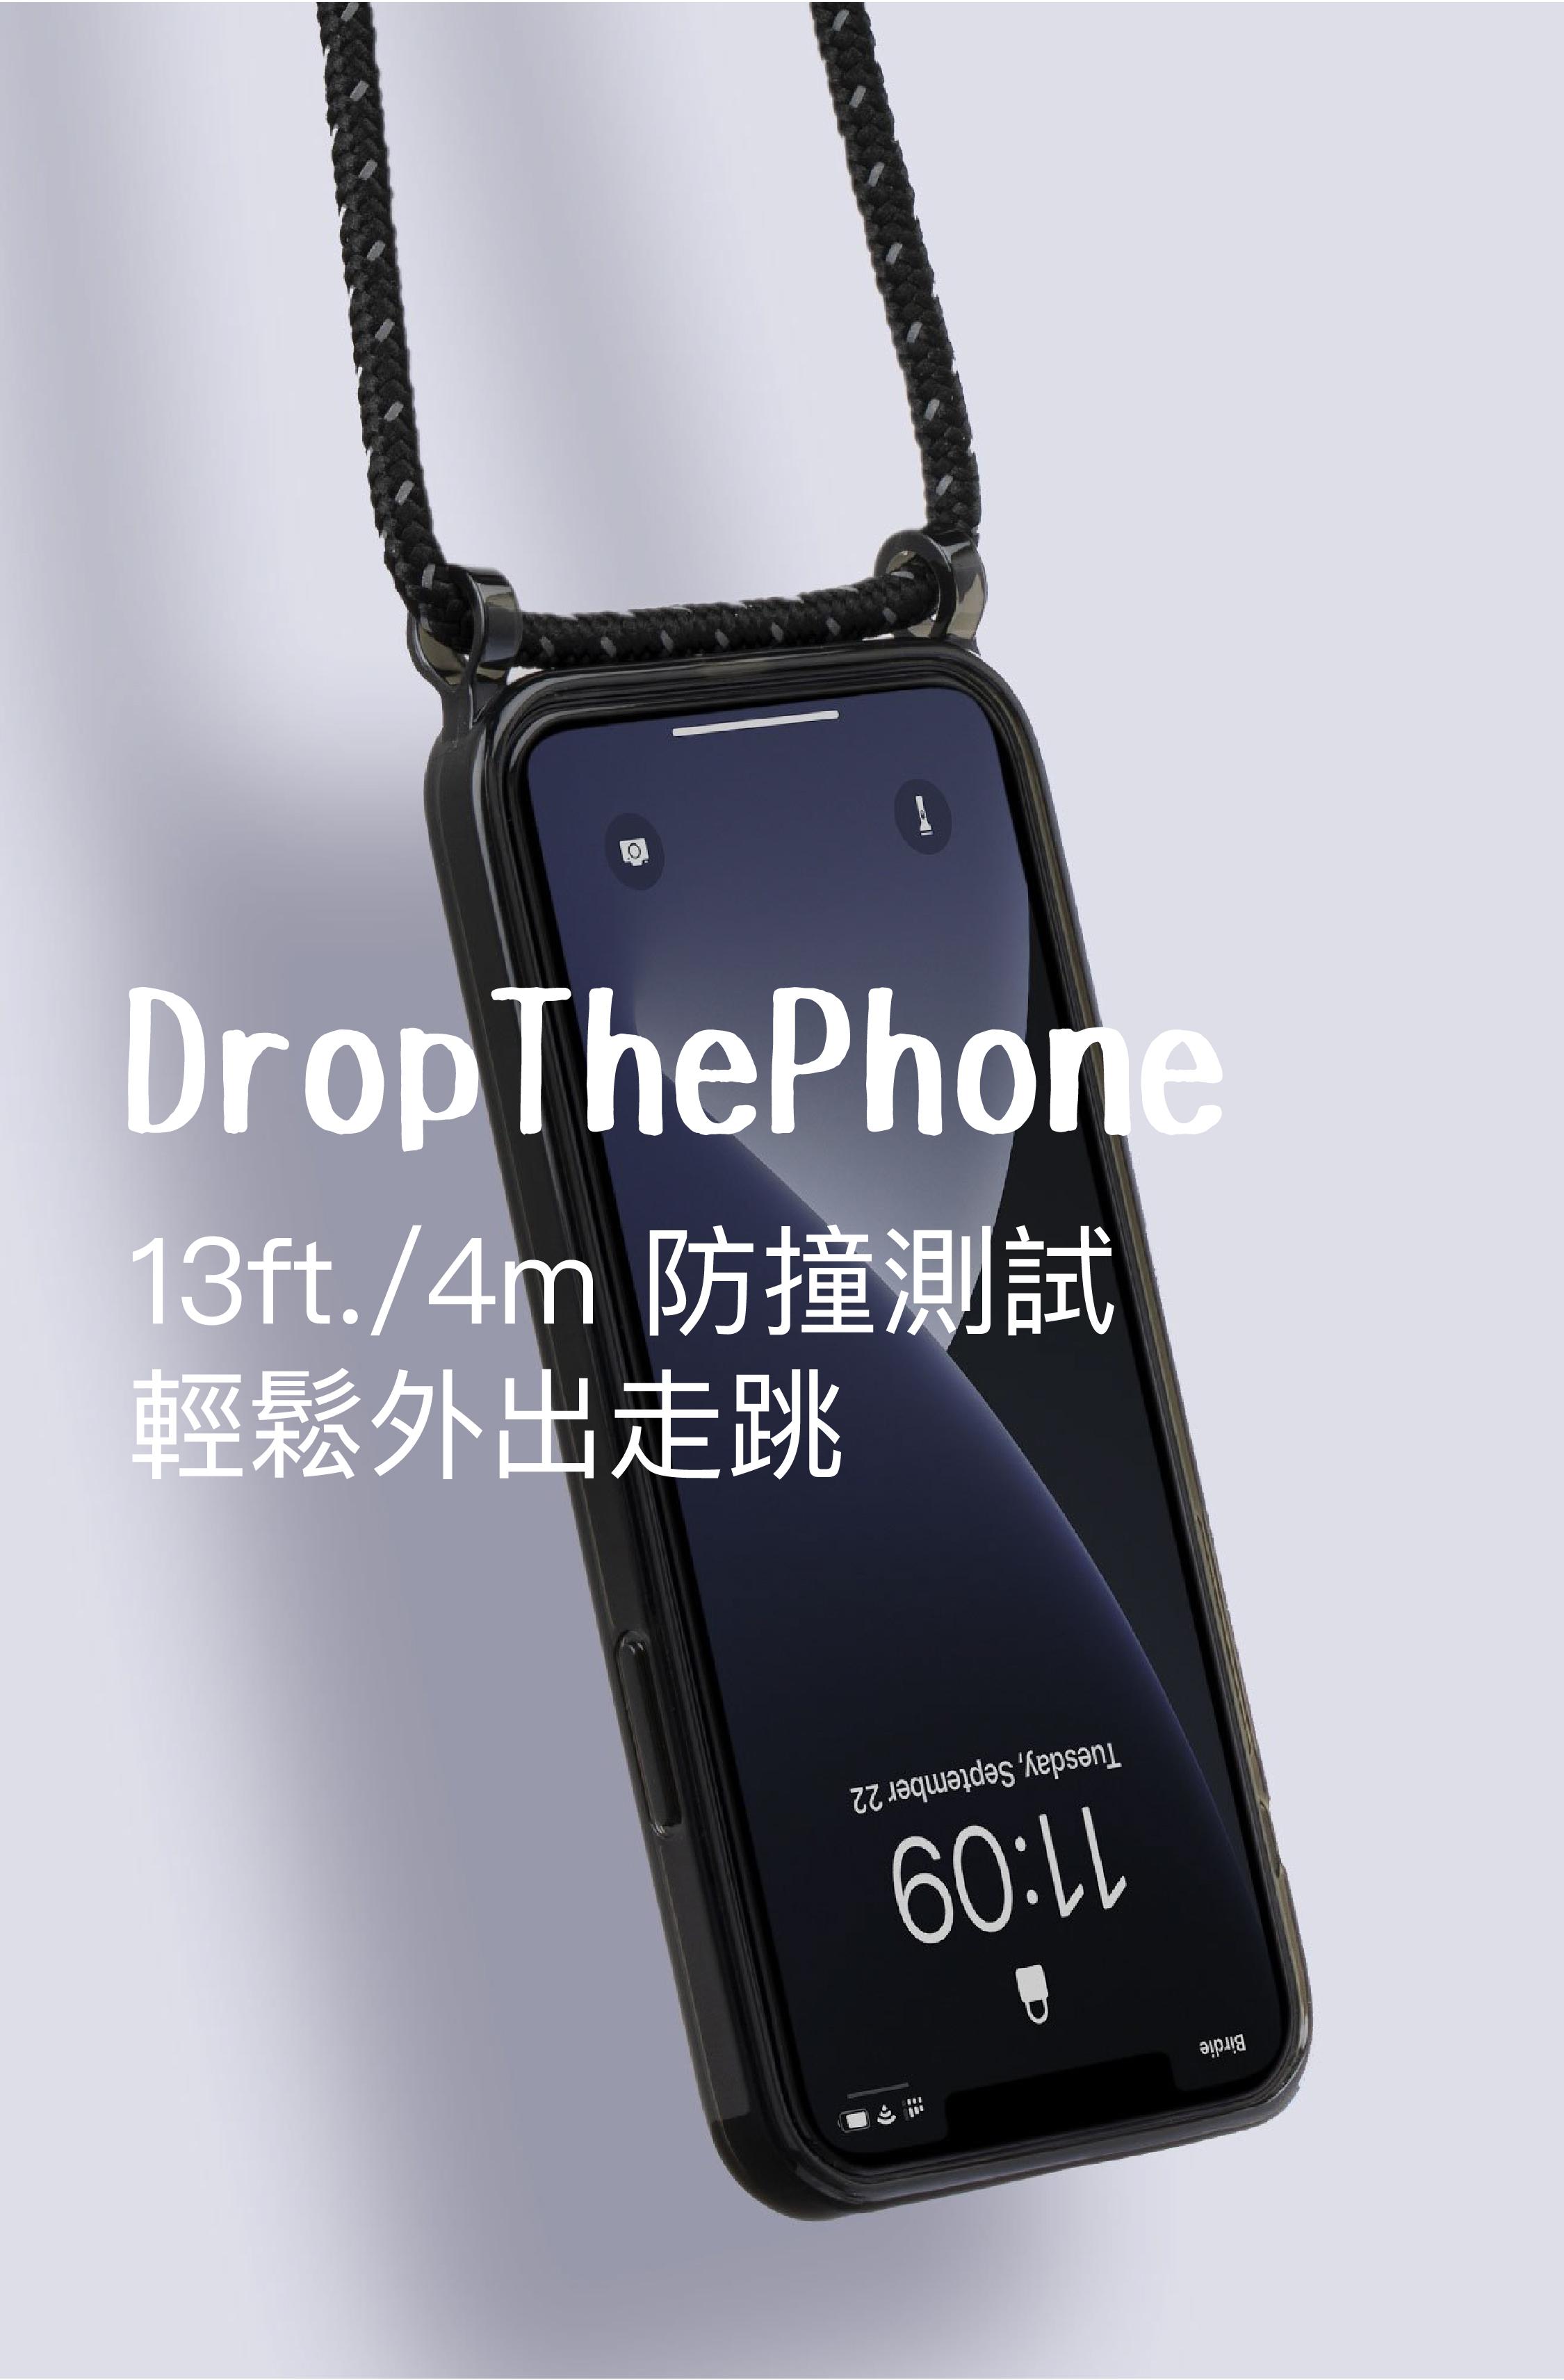 手機殼具有4公尺的高度防撞